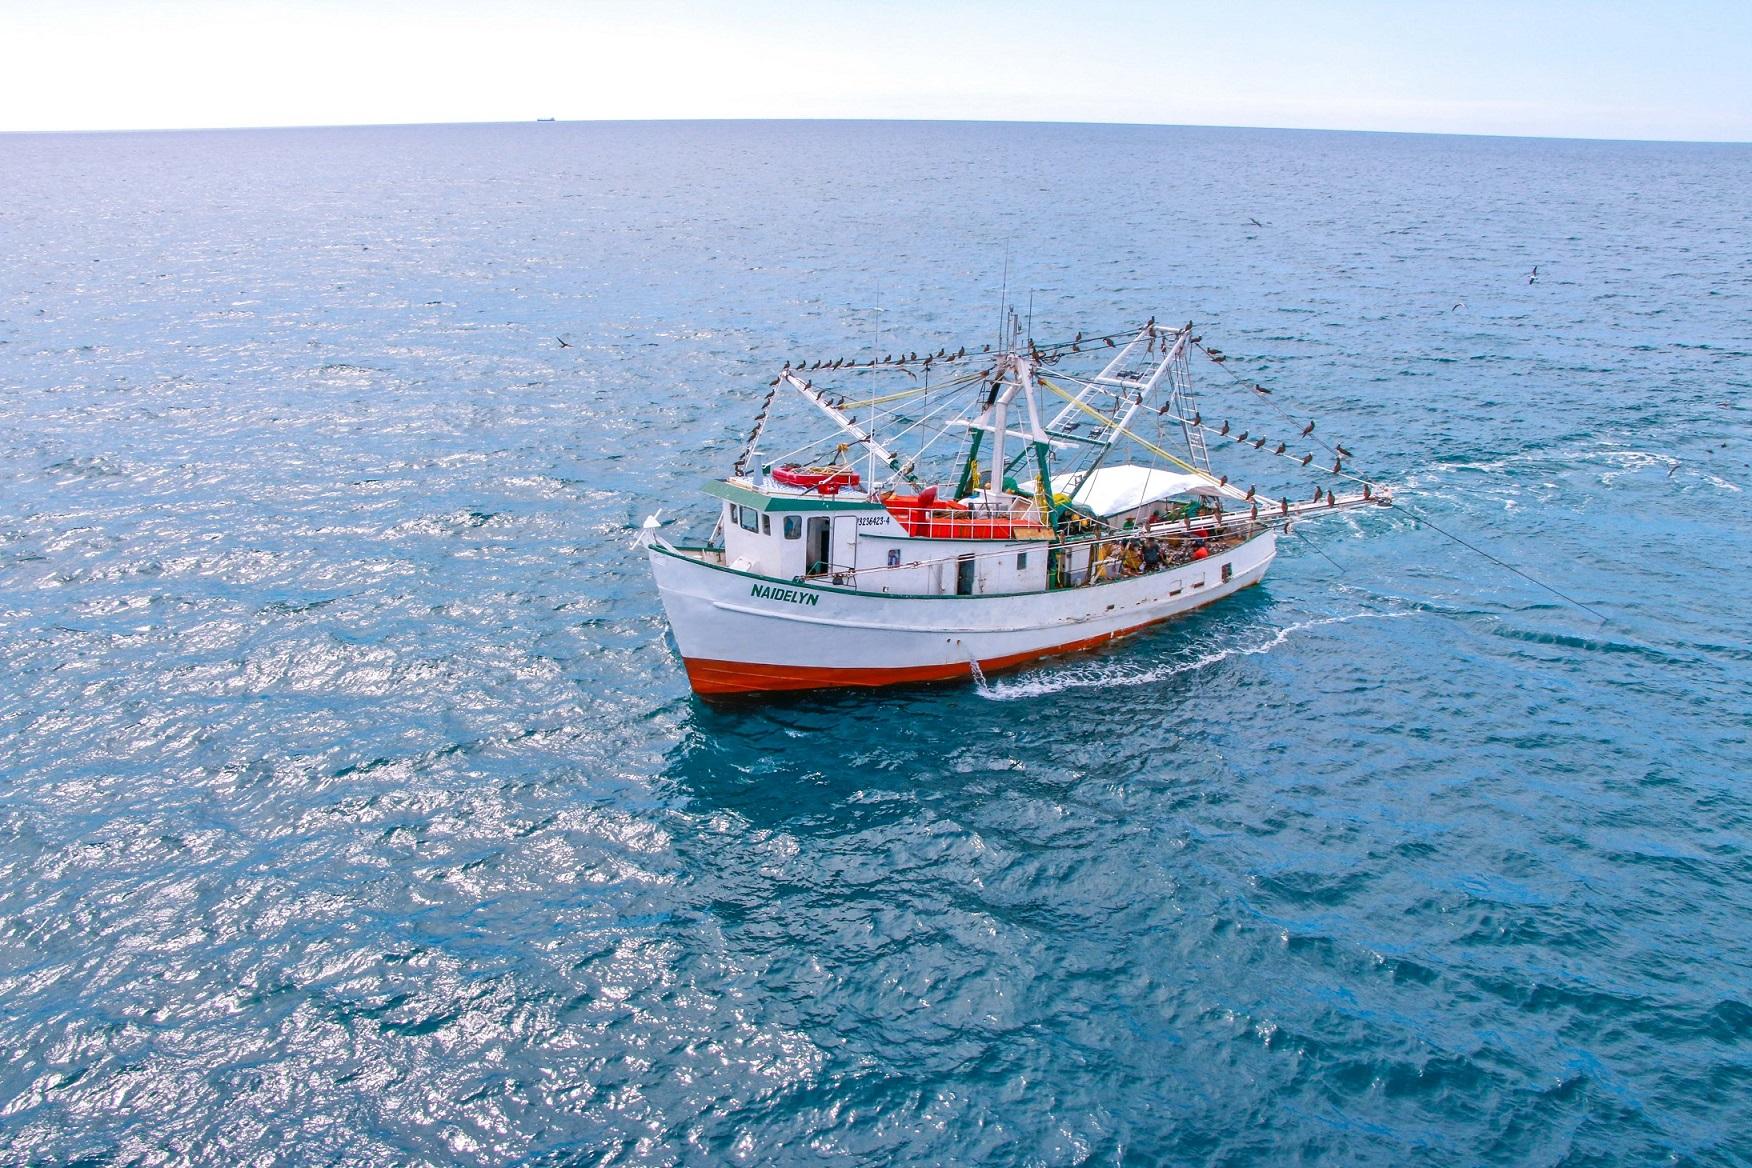 El aprovechamiento del camarón constituye una de las pesquerías comerciales de relevancia económica y social.